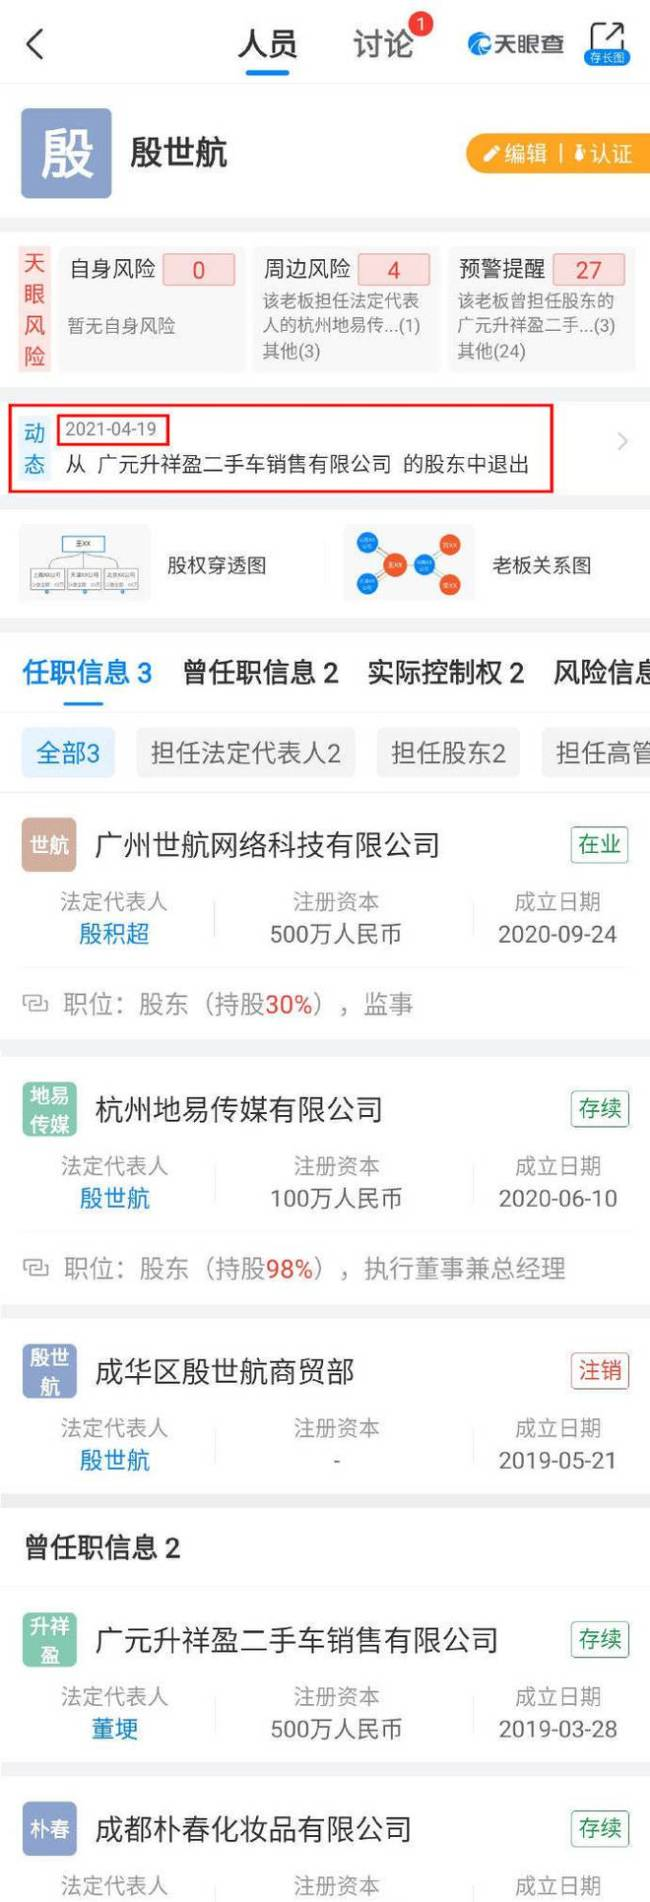 平台接到用户23万条举报 殷世航账号被封630年